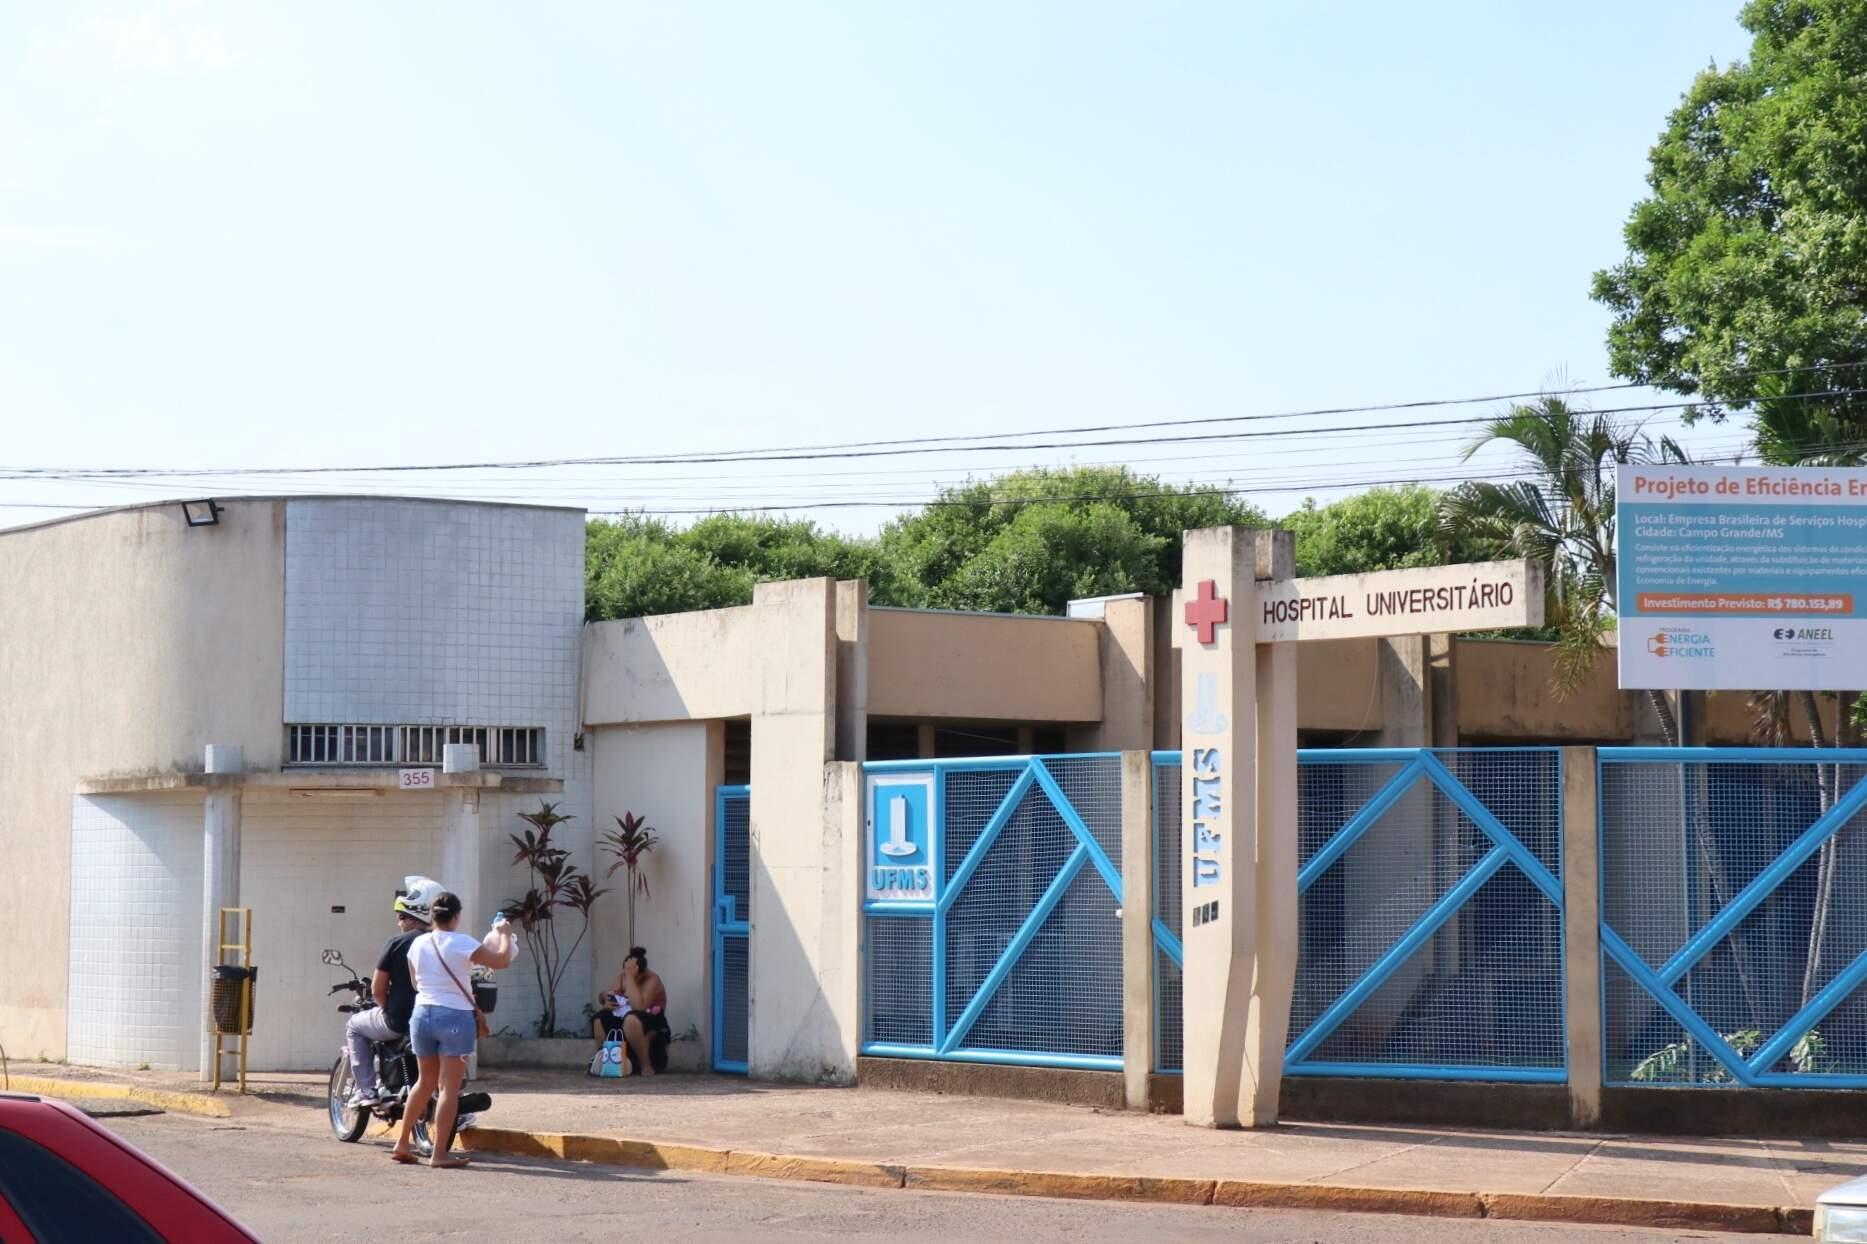 Hospital Universitário na UFMS, em Campo Grande (Foto: Henrique Kawaminami/Arquivo)